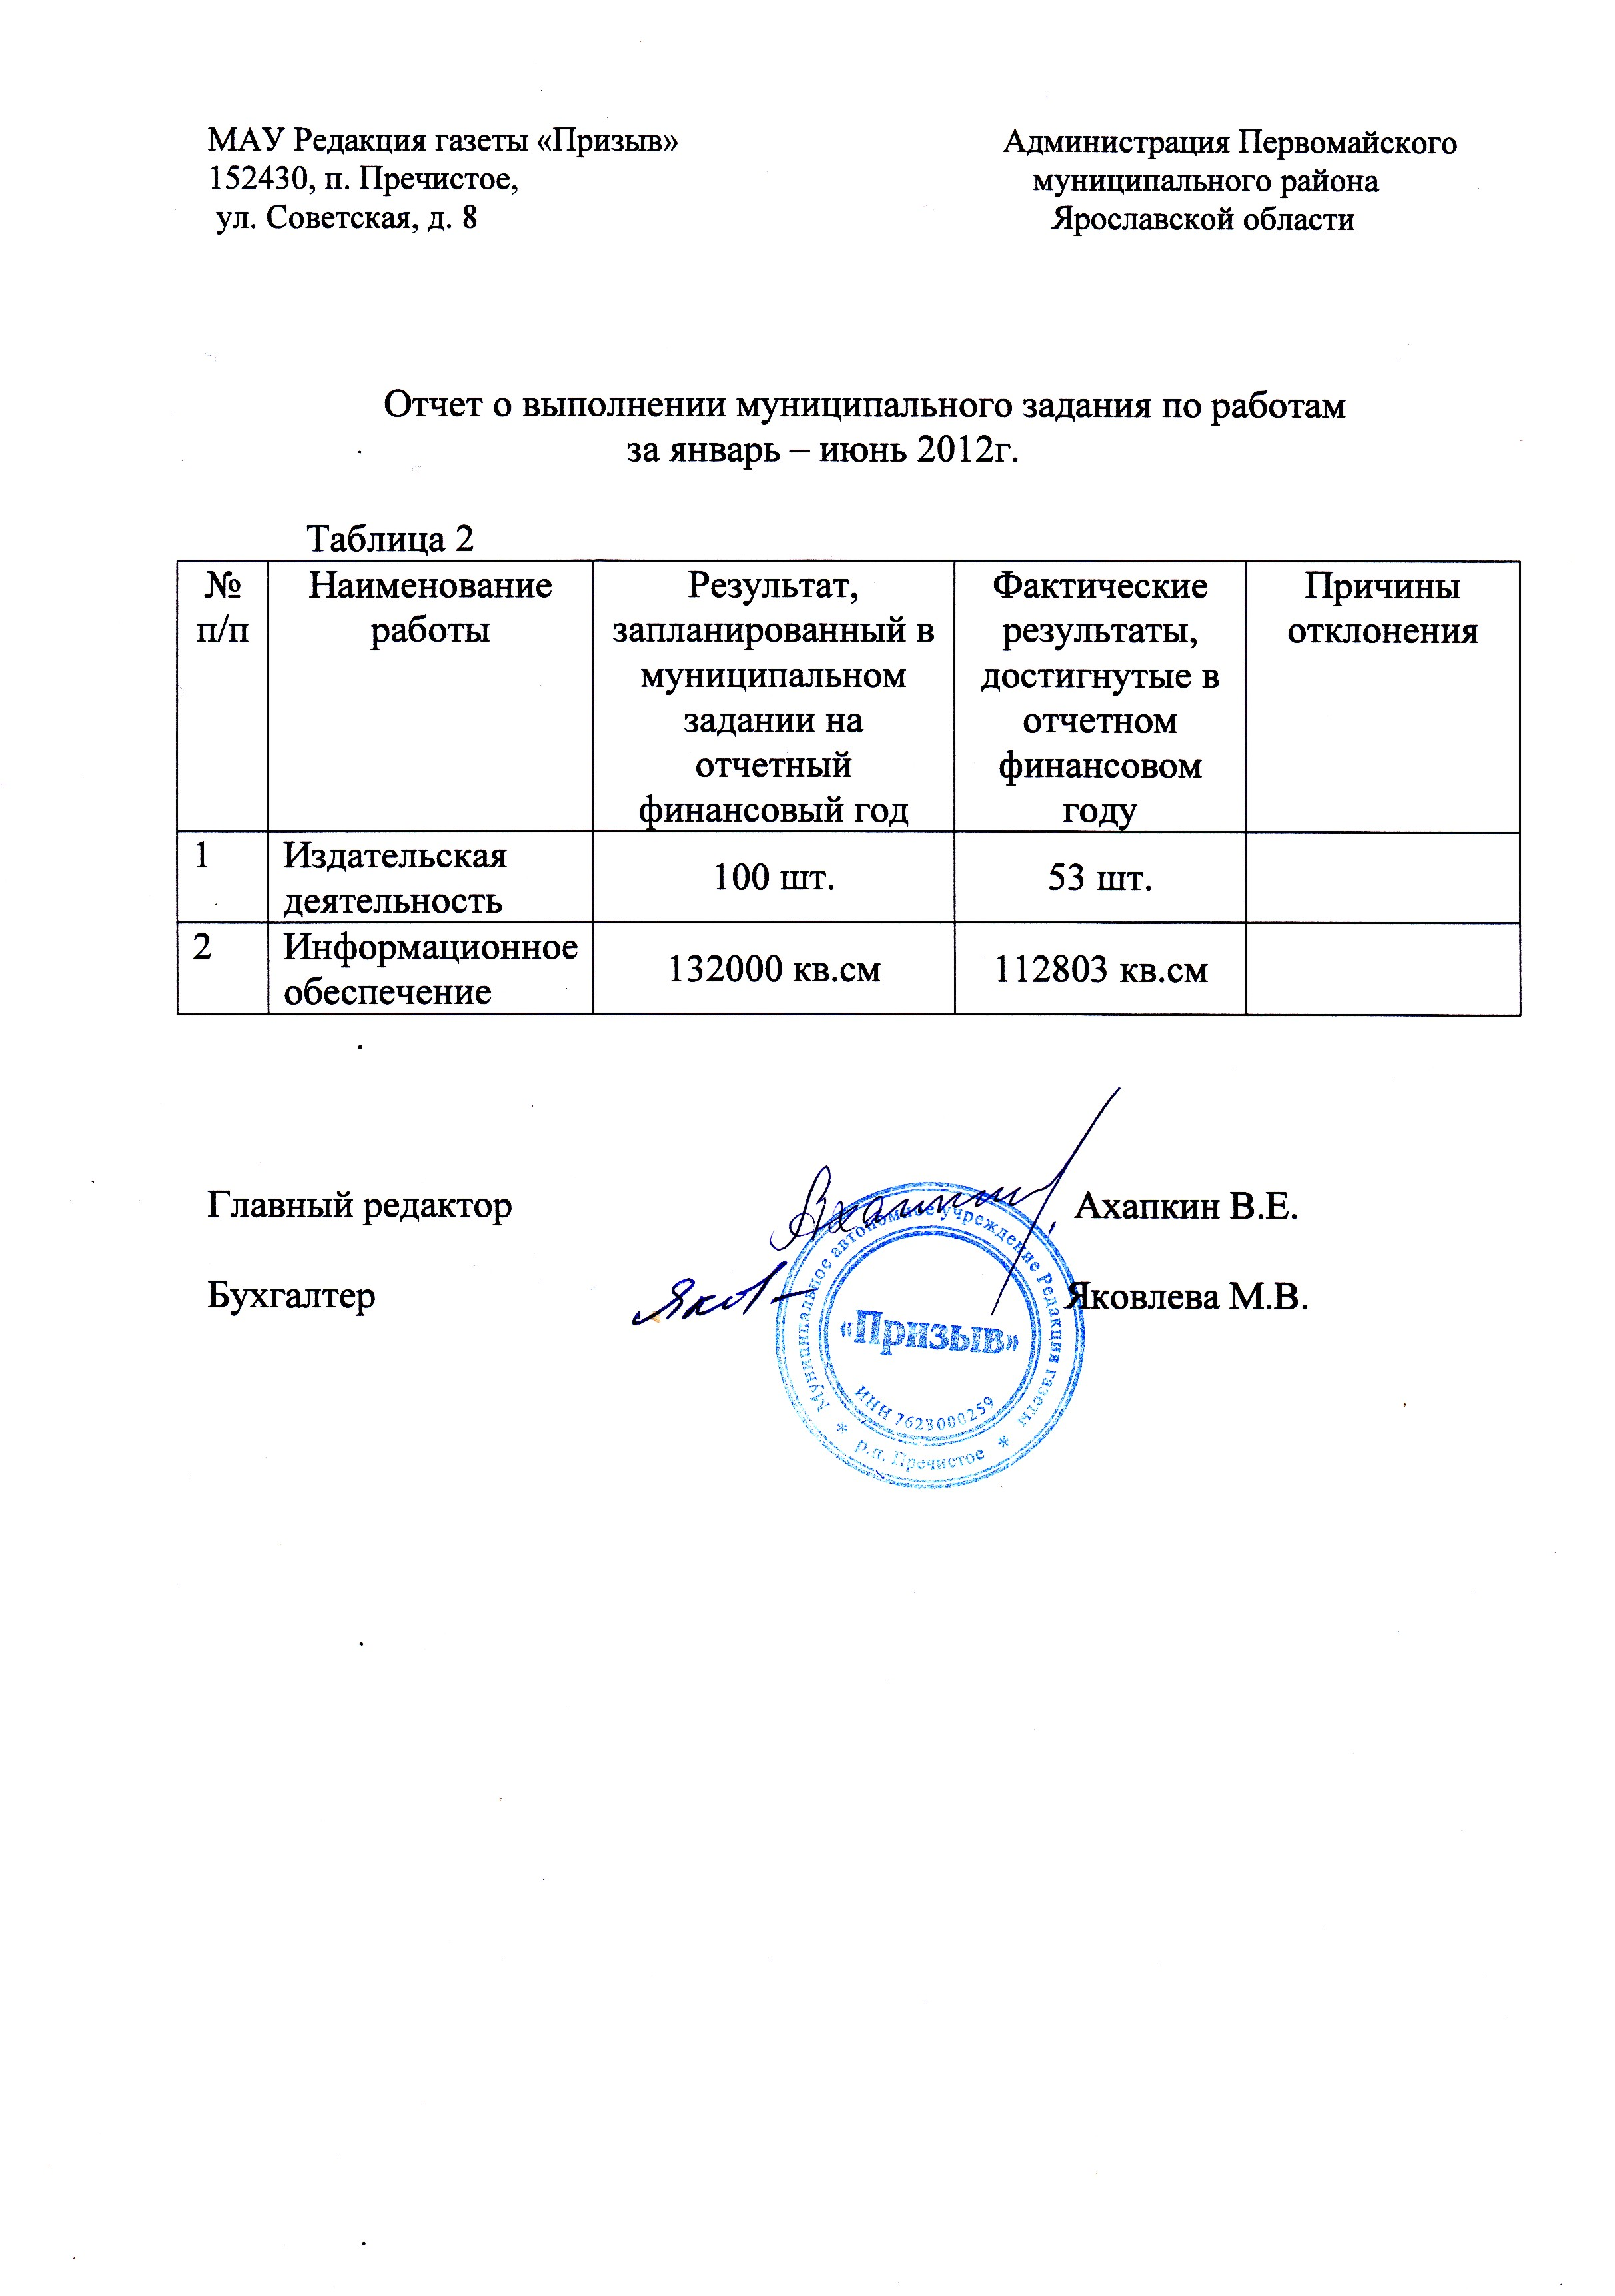 кабель ввг 3 1.5 цена в россии